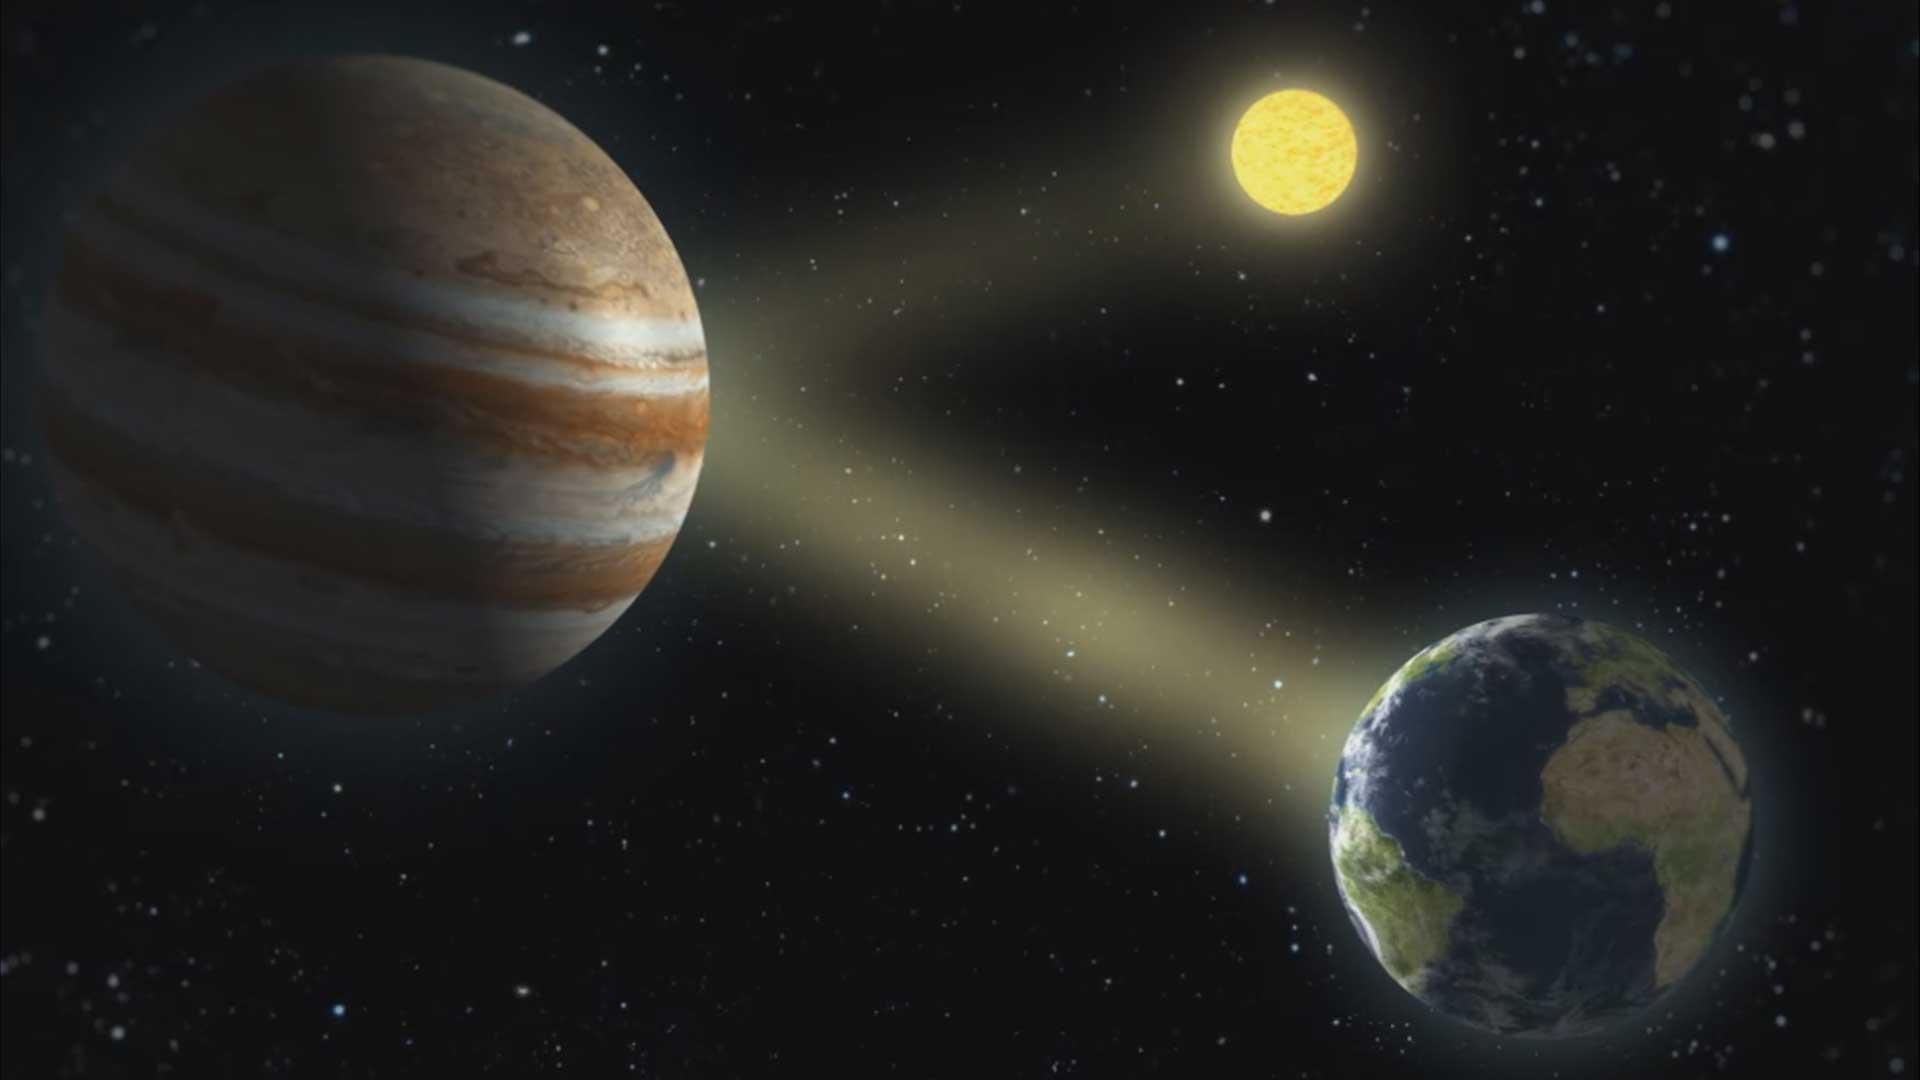 Sonne, Jupiter und Erde im Dreigestirn.